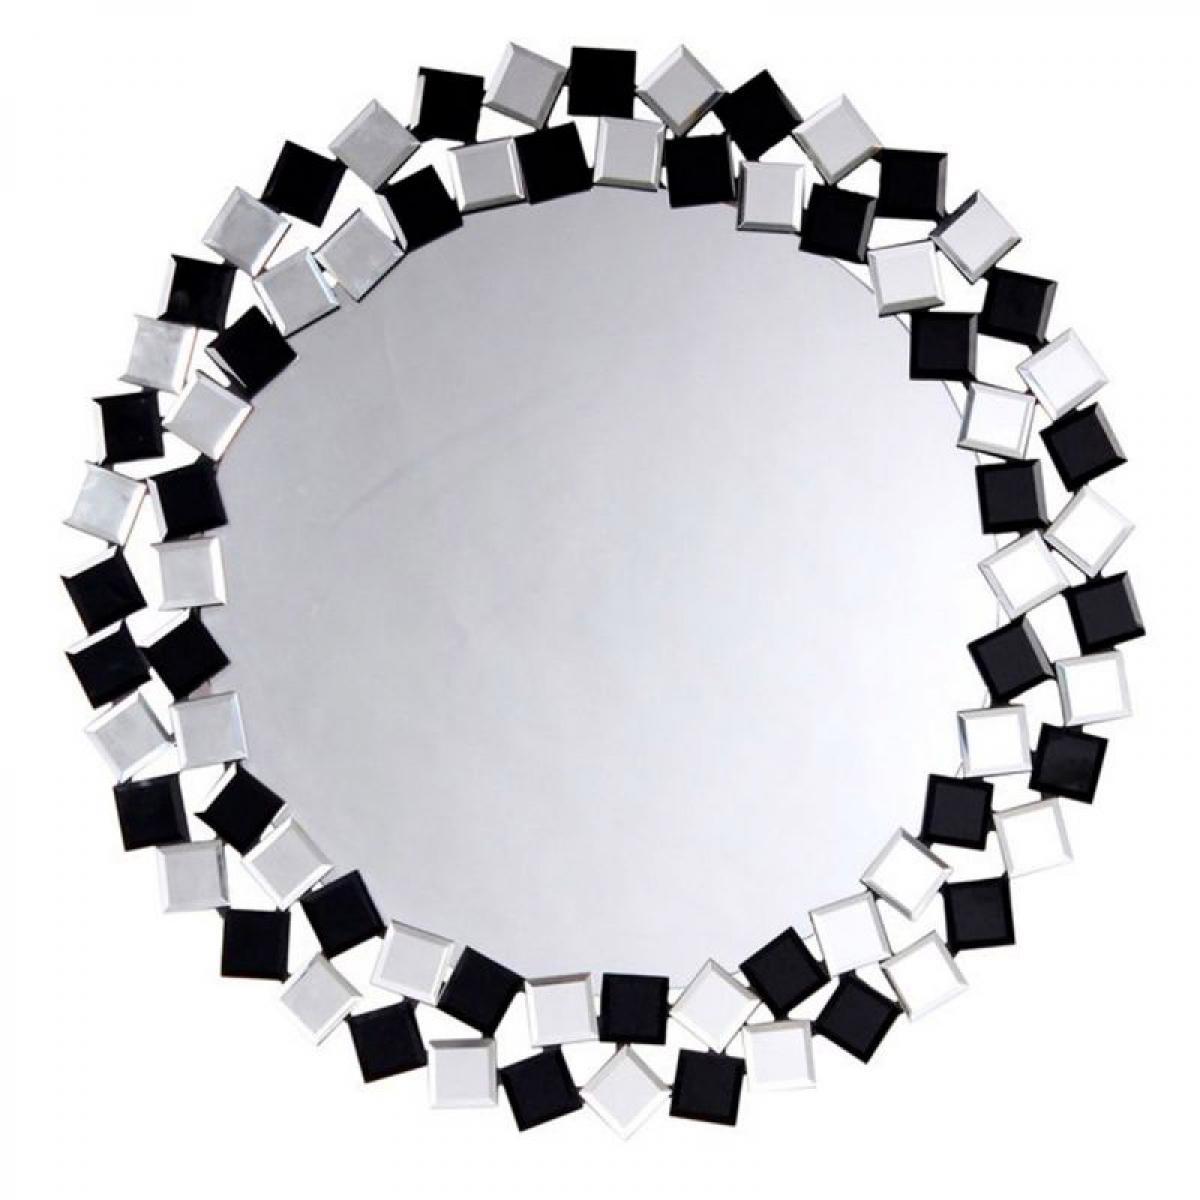 Paris Prix Miroir Mural Design Mosaic 80cm Argent & Noir